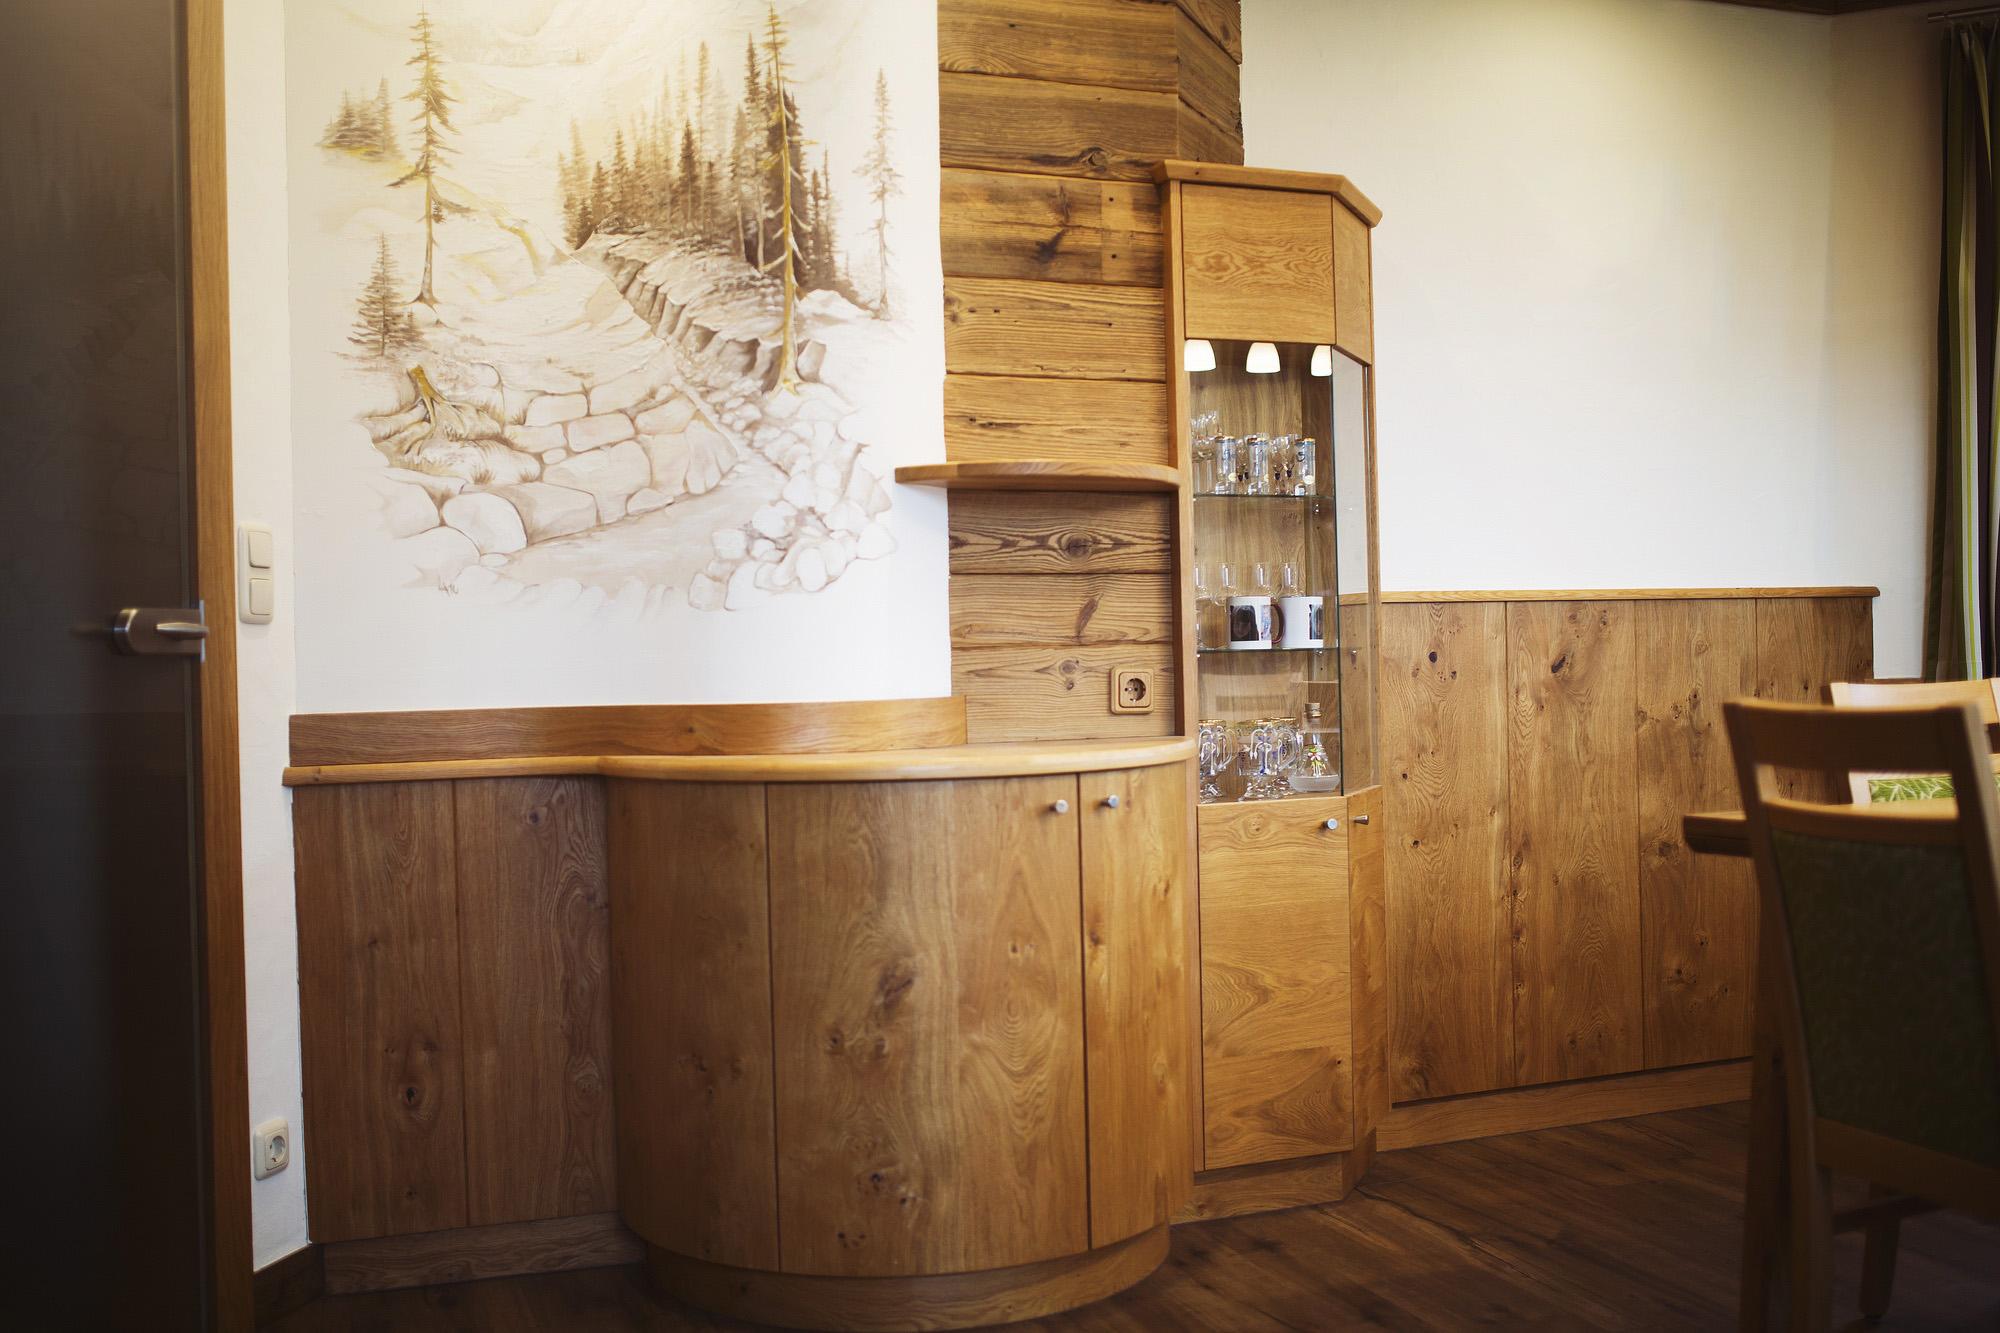 Wohnzimmer - Tischlerei Auer - Fenster Türen Möbel